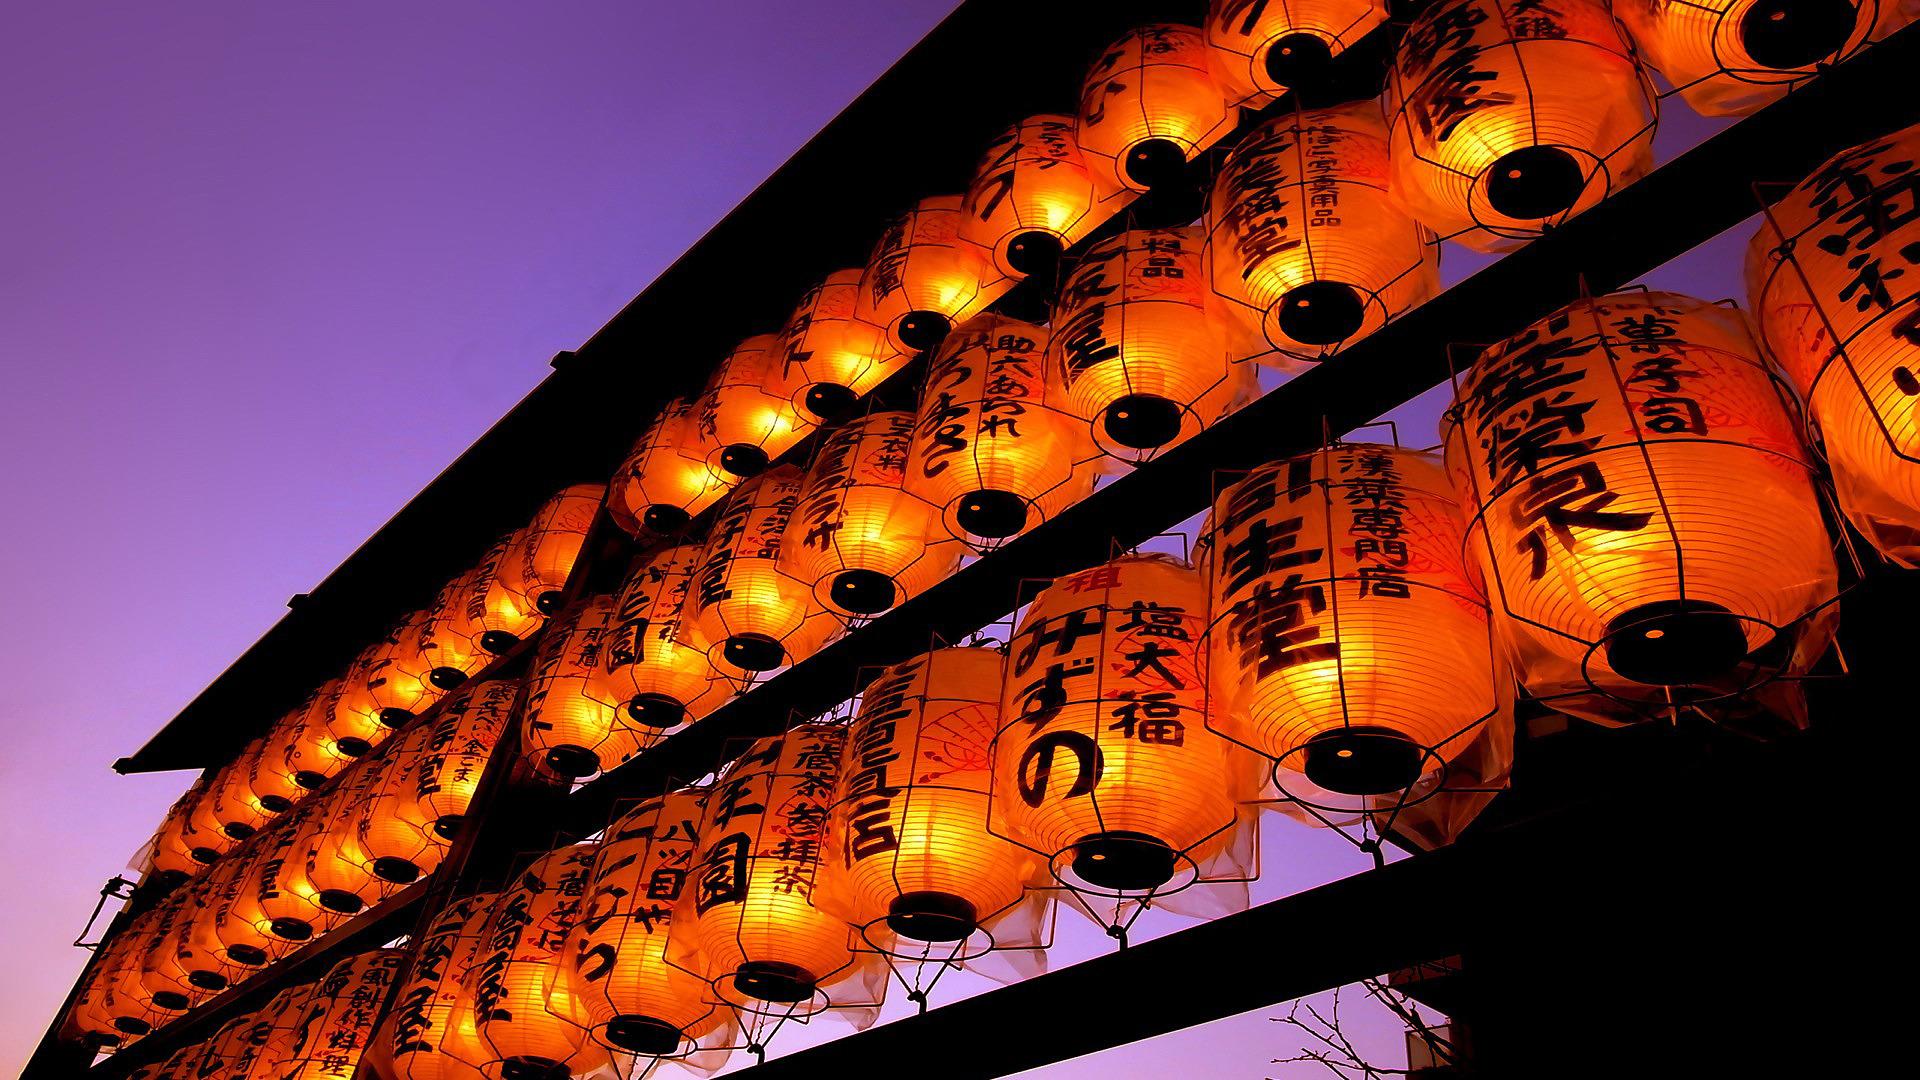 47 Chinese Lantern Wallpaper On Wallpapersafari